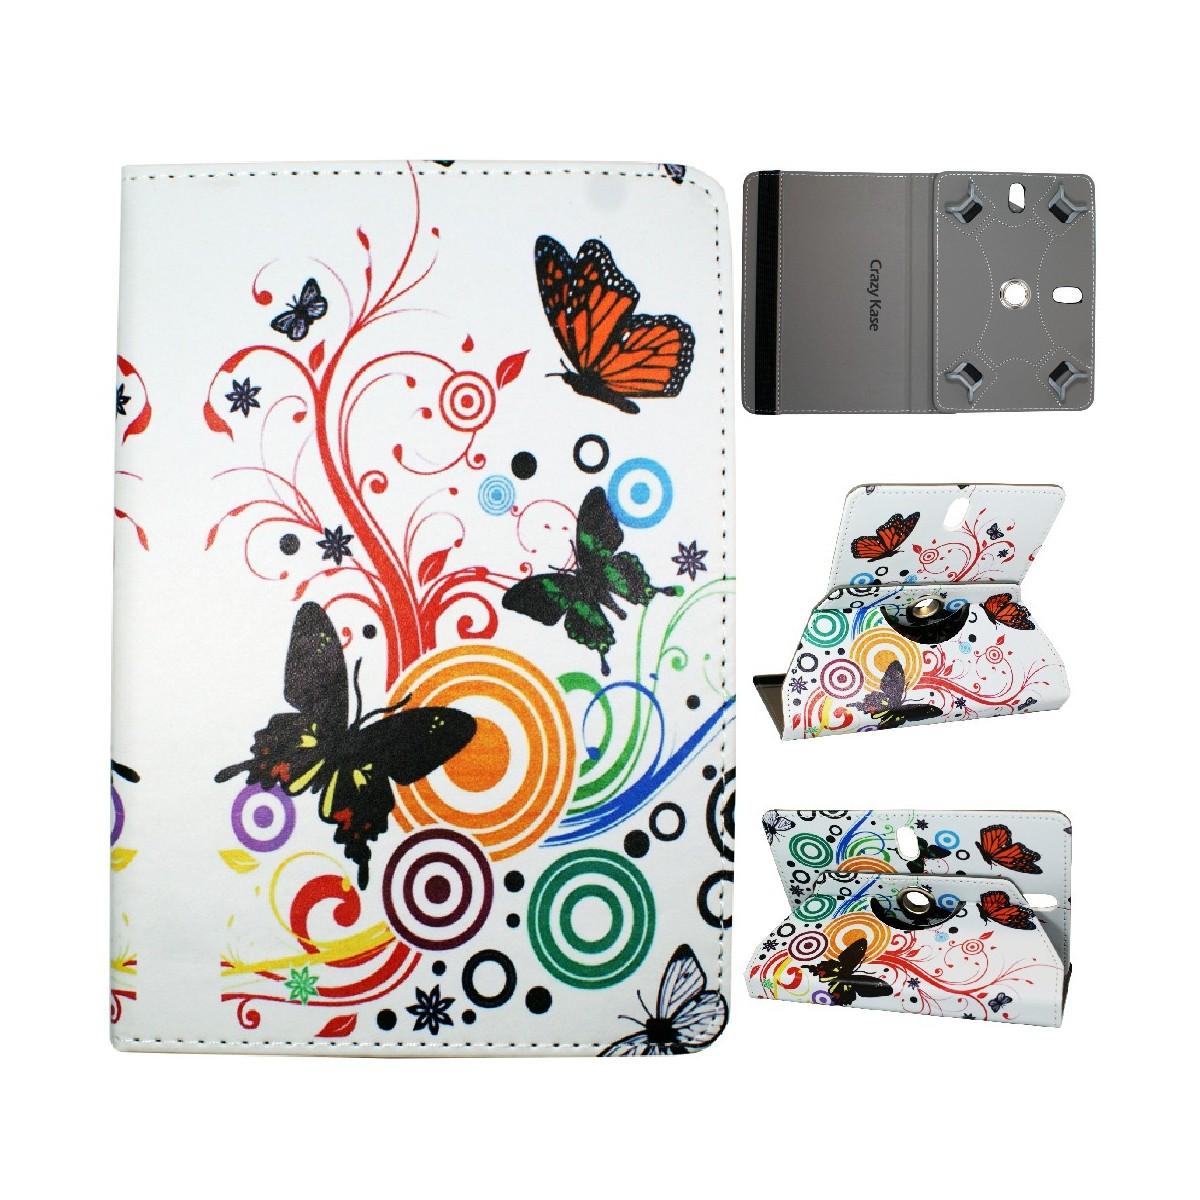 Crazy Kase - Etui tablette universel 7 pouces rotatif 360° Motifs Papillons et Cercles